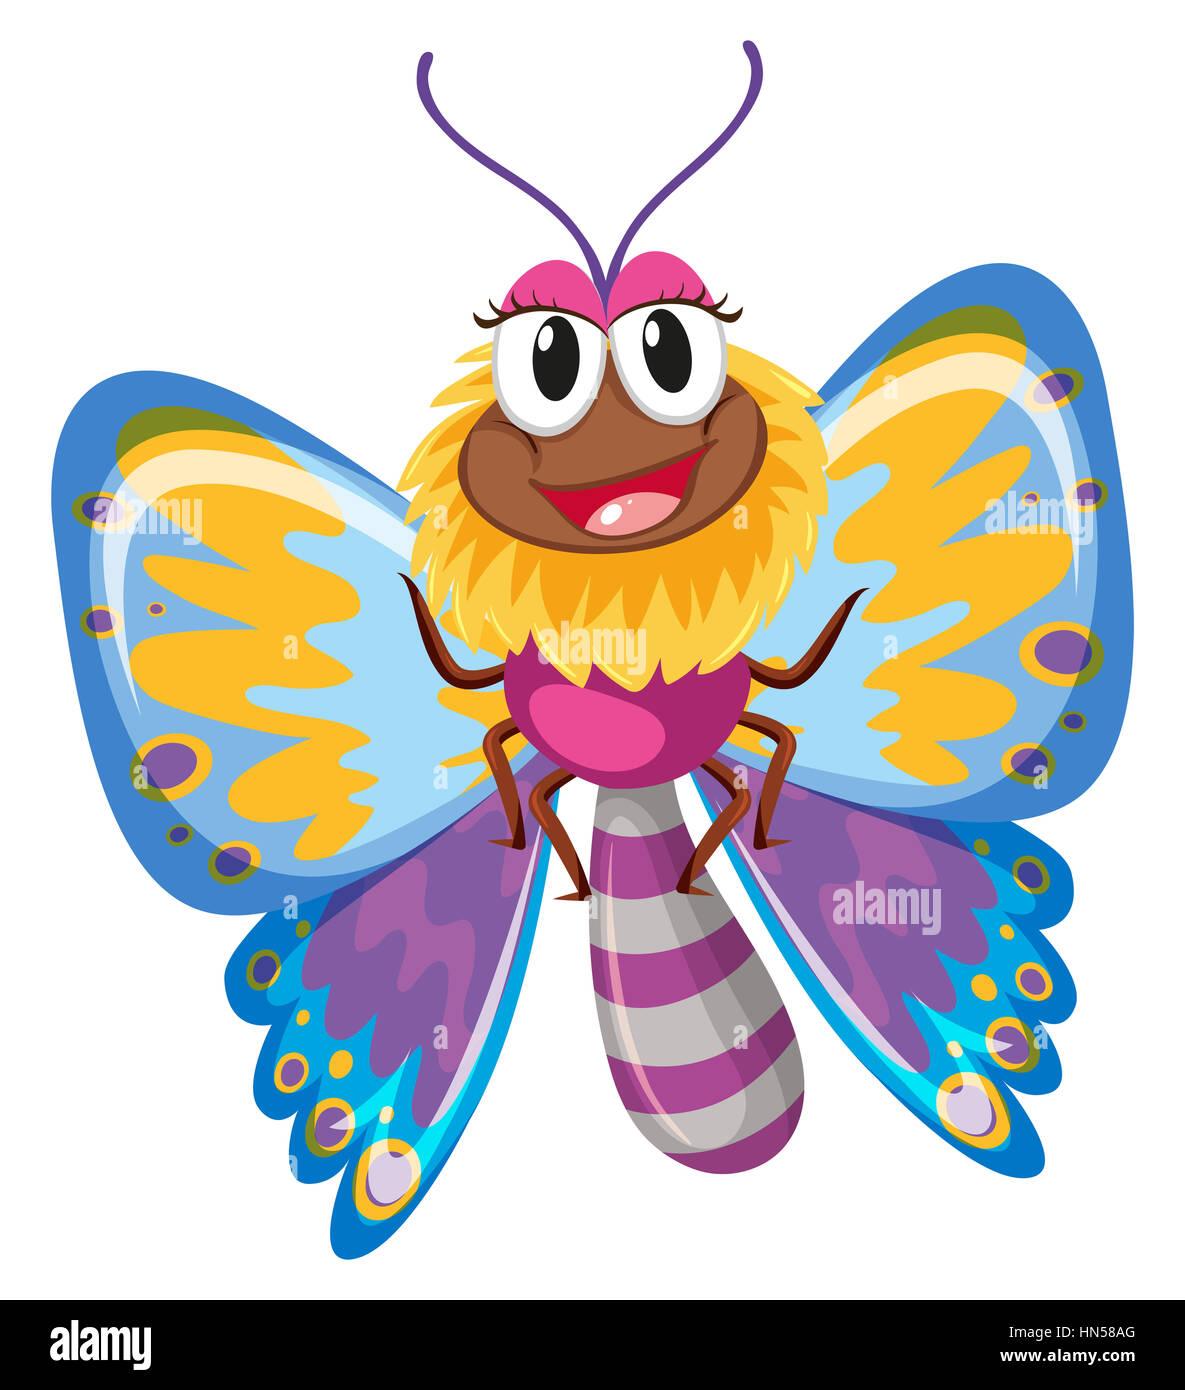 Fantastisch Süße Schmetterling Färbung Seite Ideen - Druckbare ...